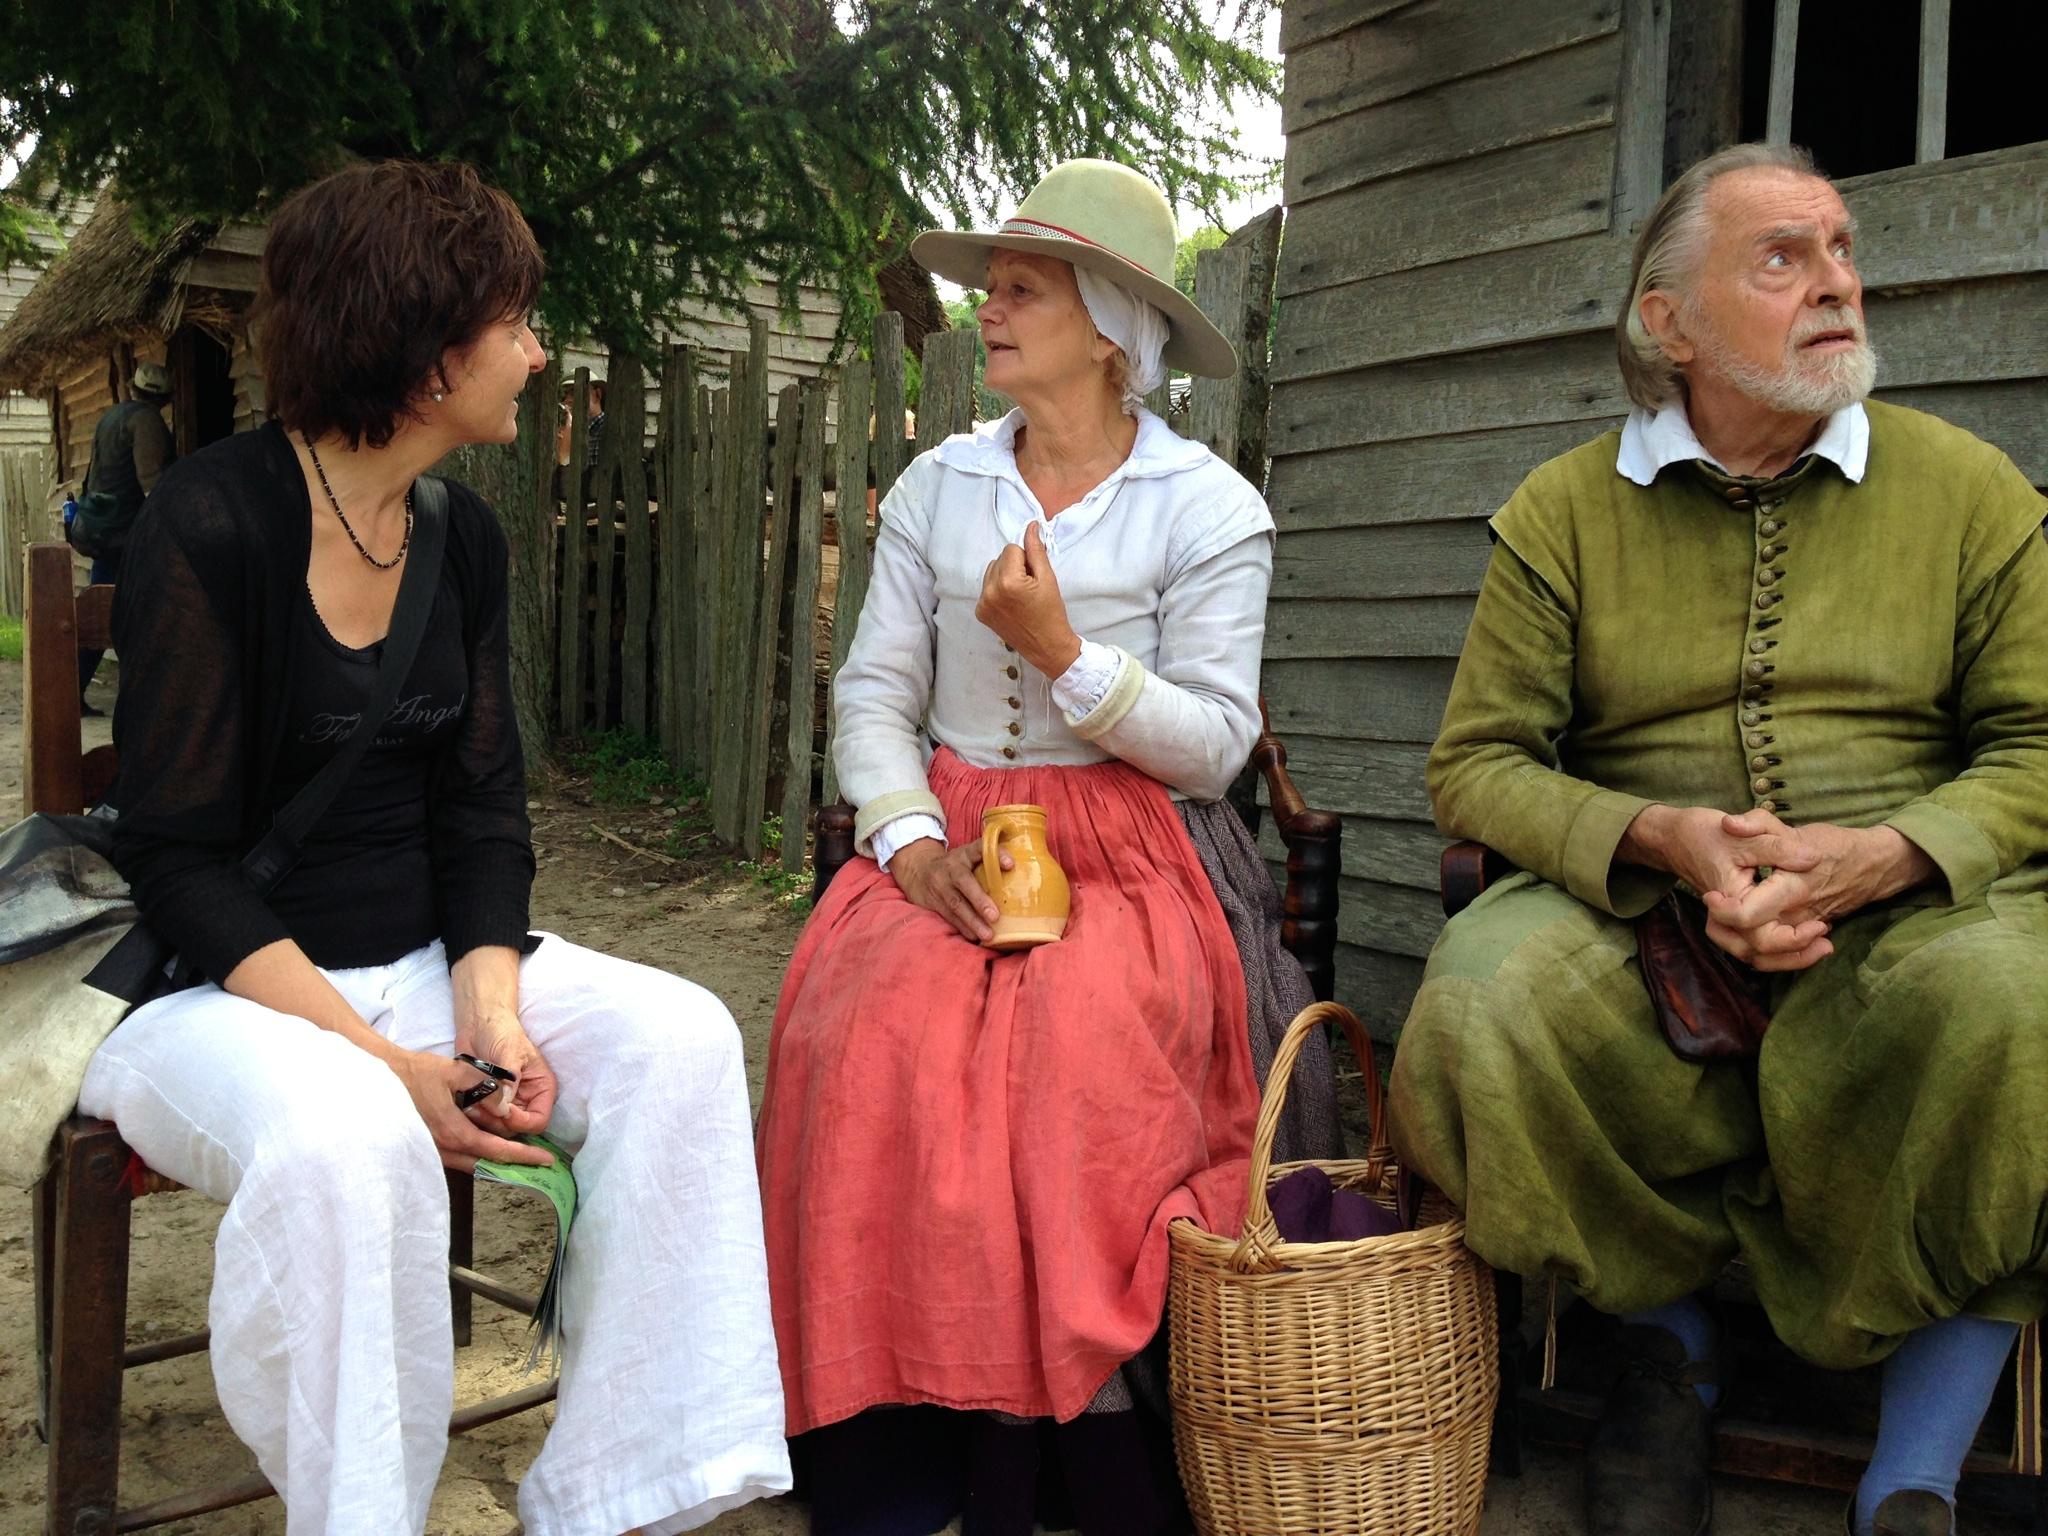 Diskussion mit einer Siedlerin